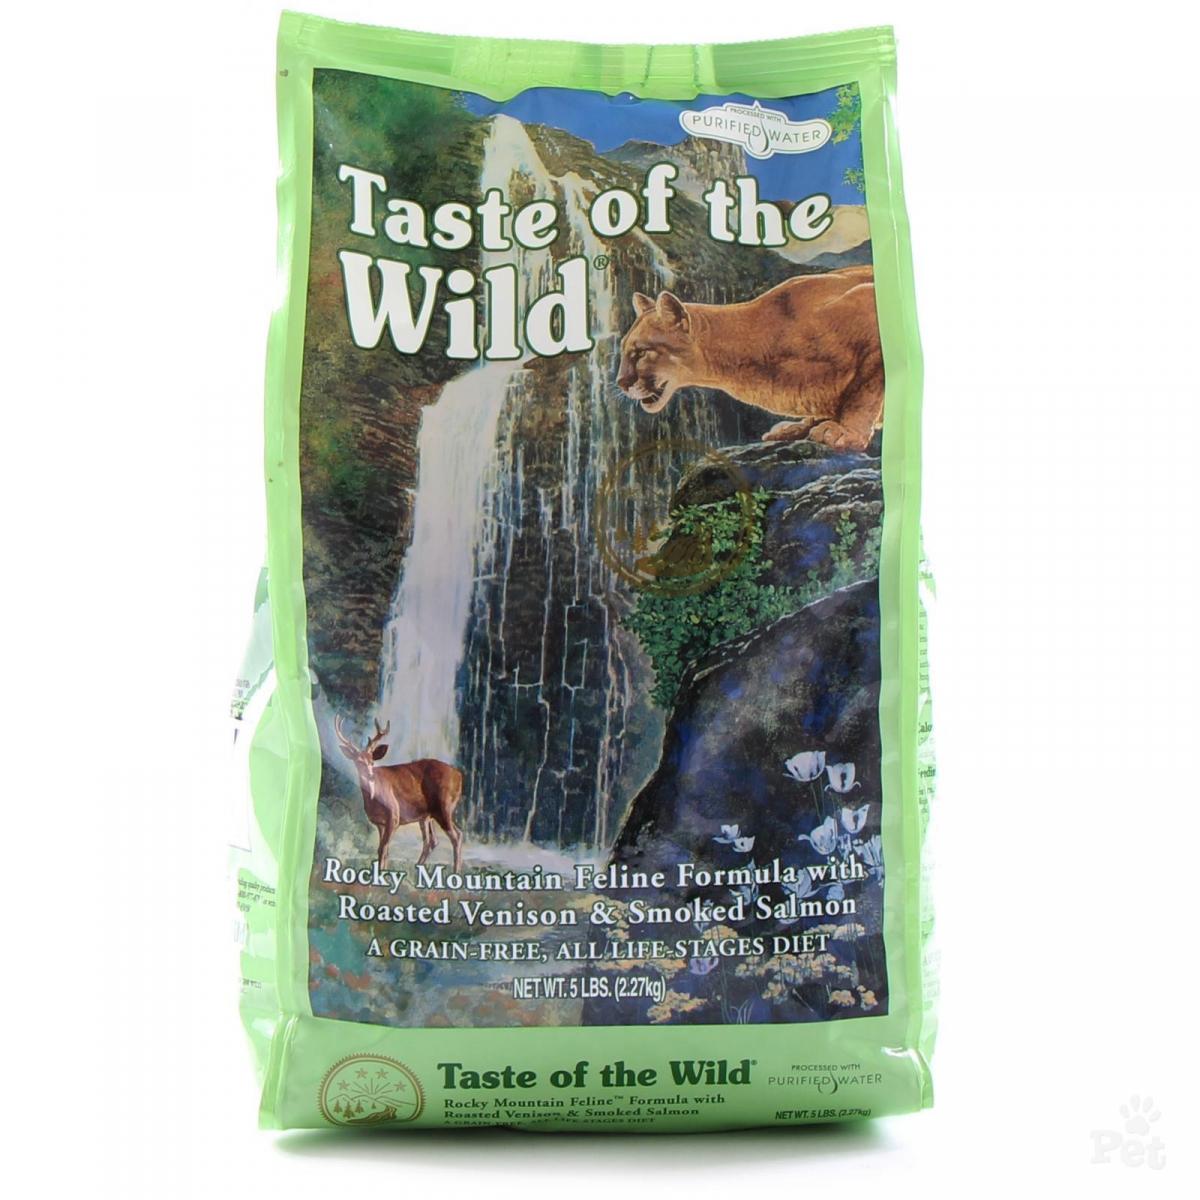 Taste of the wild (Тейст оф зе вилд) Rocky mountain feline formula - Сухой корм с жареной олениной и копченым лососем для кошек - Фото 2